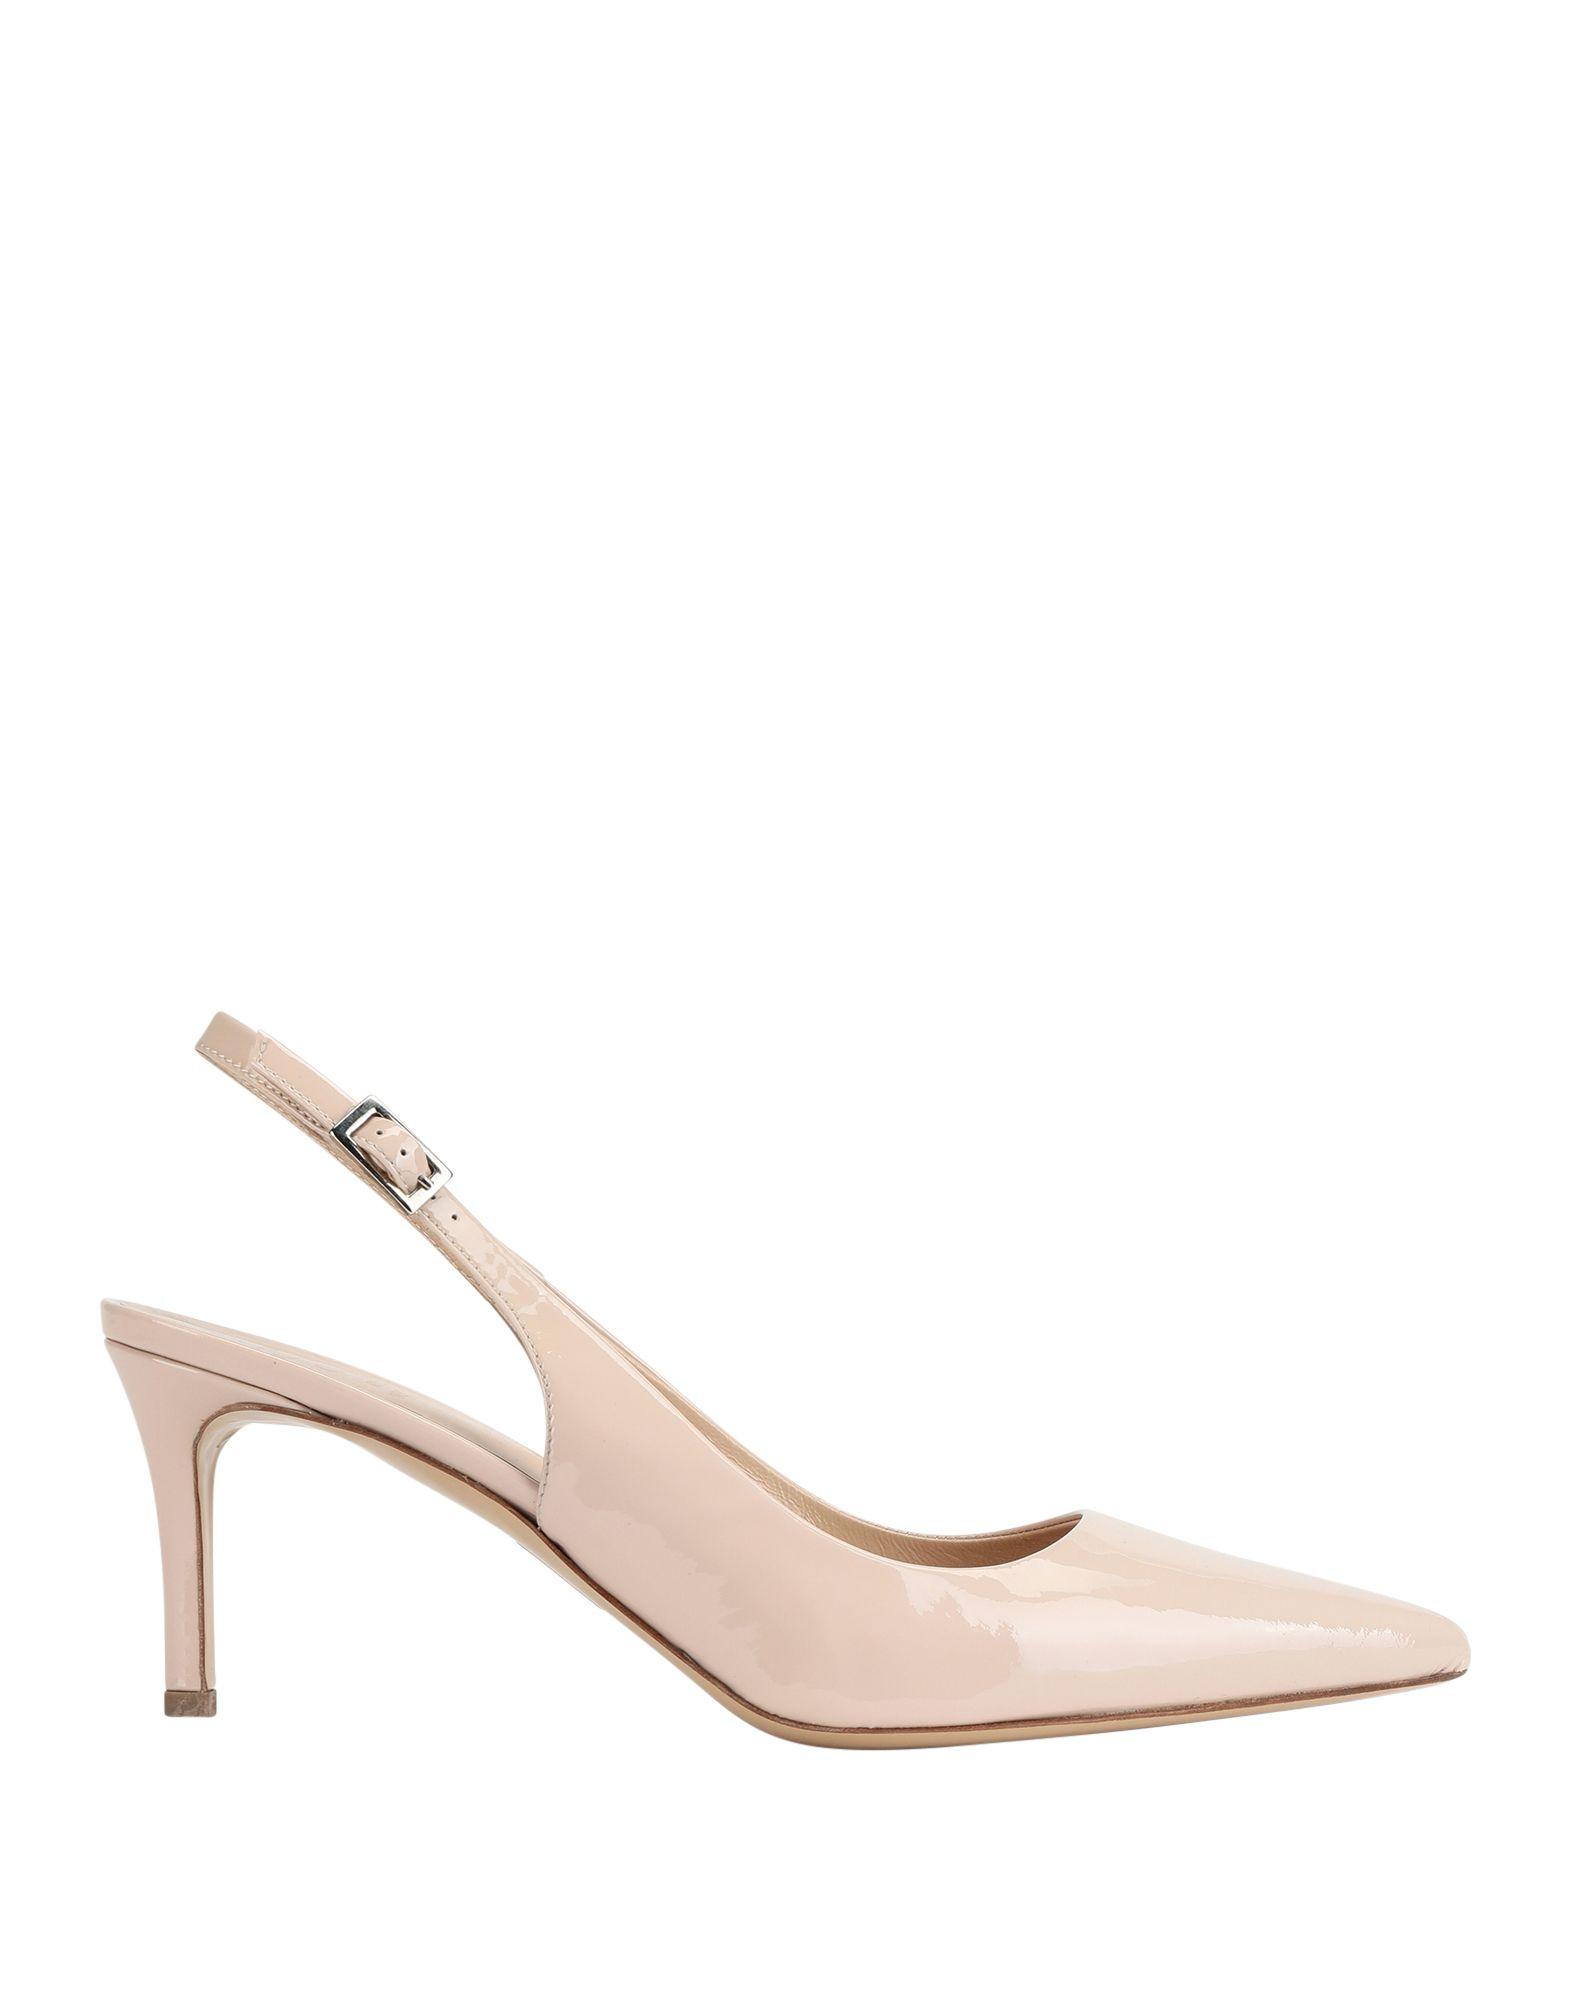 8 by YOOX Туфли туфли indiana туфли на среднем каблуке